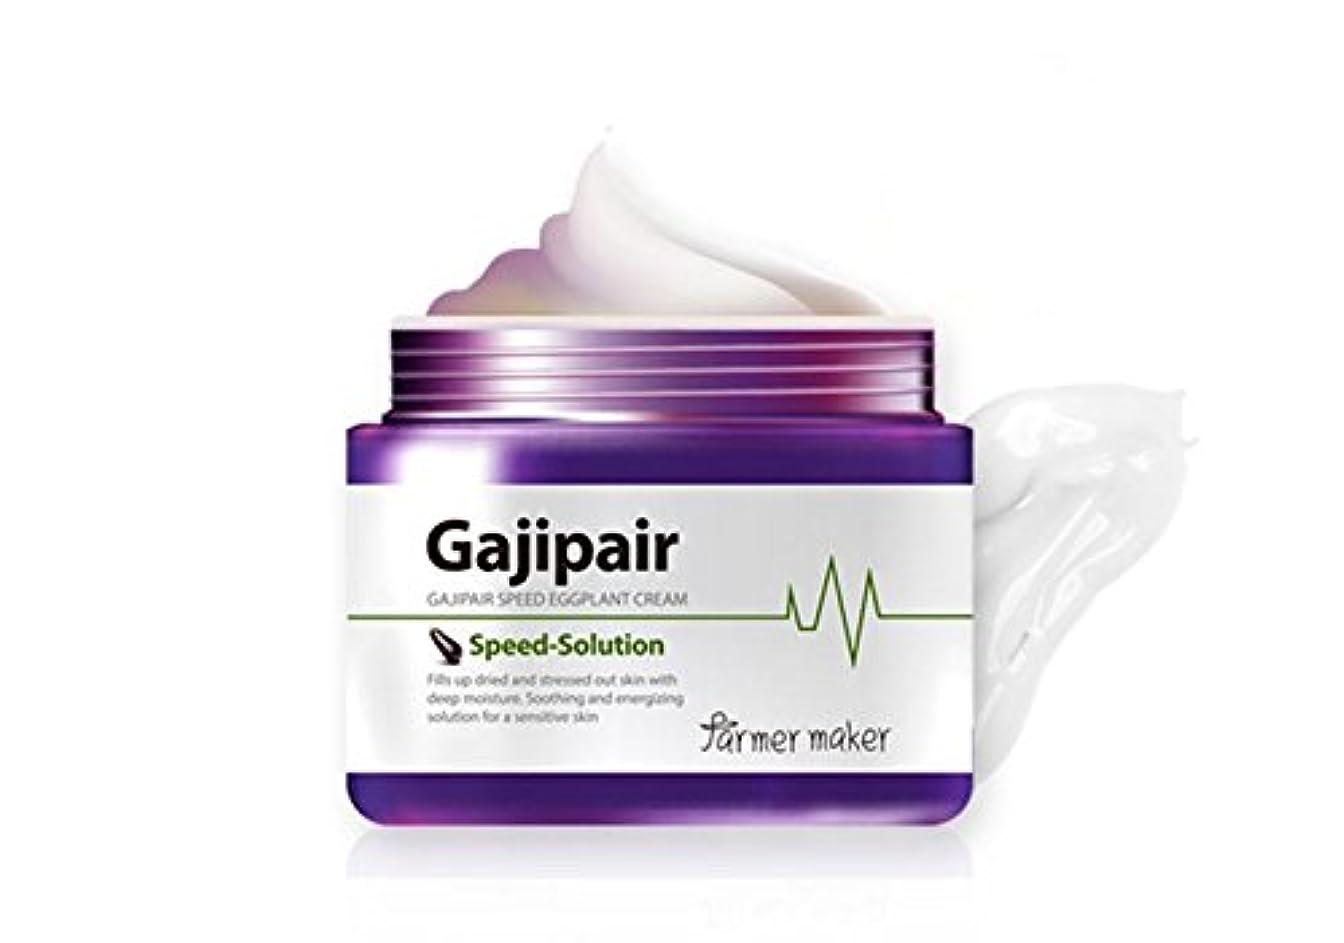 猛烈な農場政治Farmer maker Gajipair Speed Eggplant Cream 70ml/ファーマーメイカー ガジペア(ナスペア) スピード エッグプラント クリーム 70ml [並行輸入品]